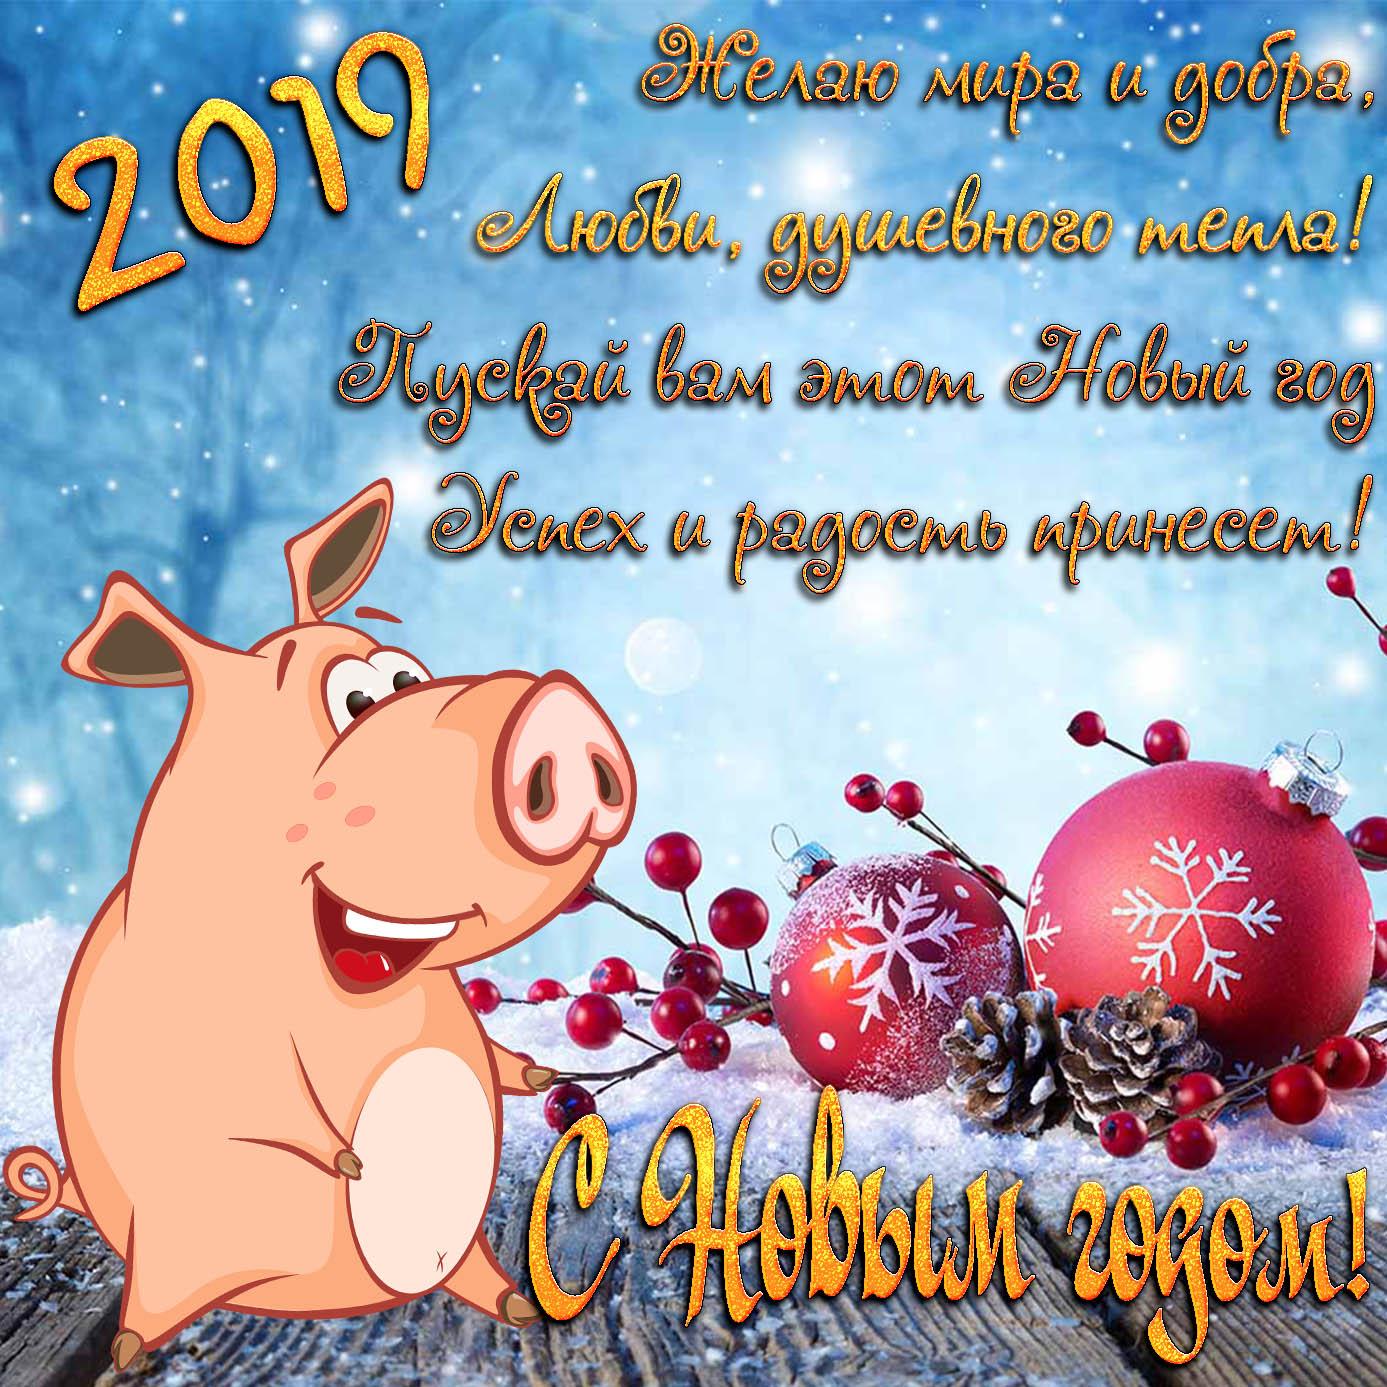 Картинка с веселой свиньей к 2019 году